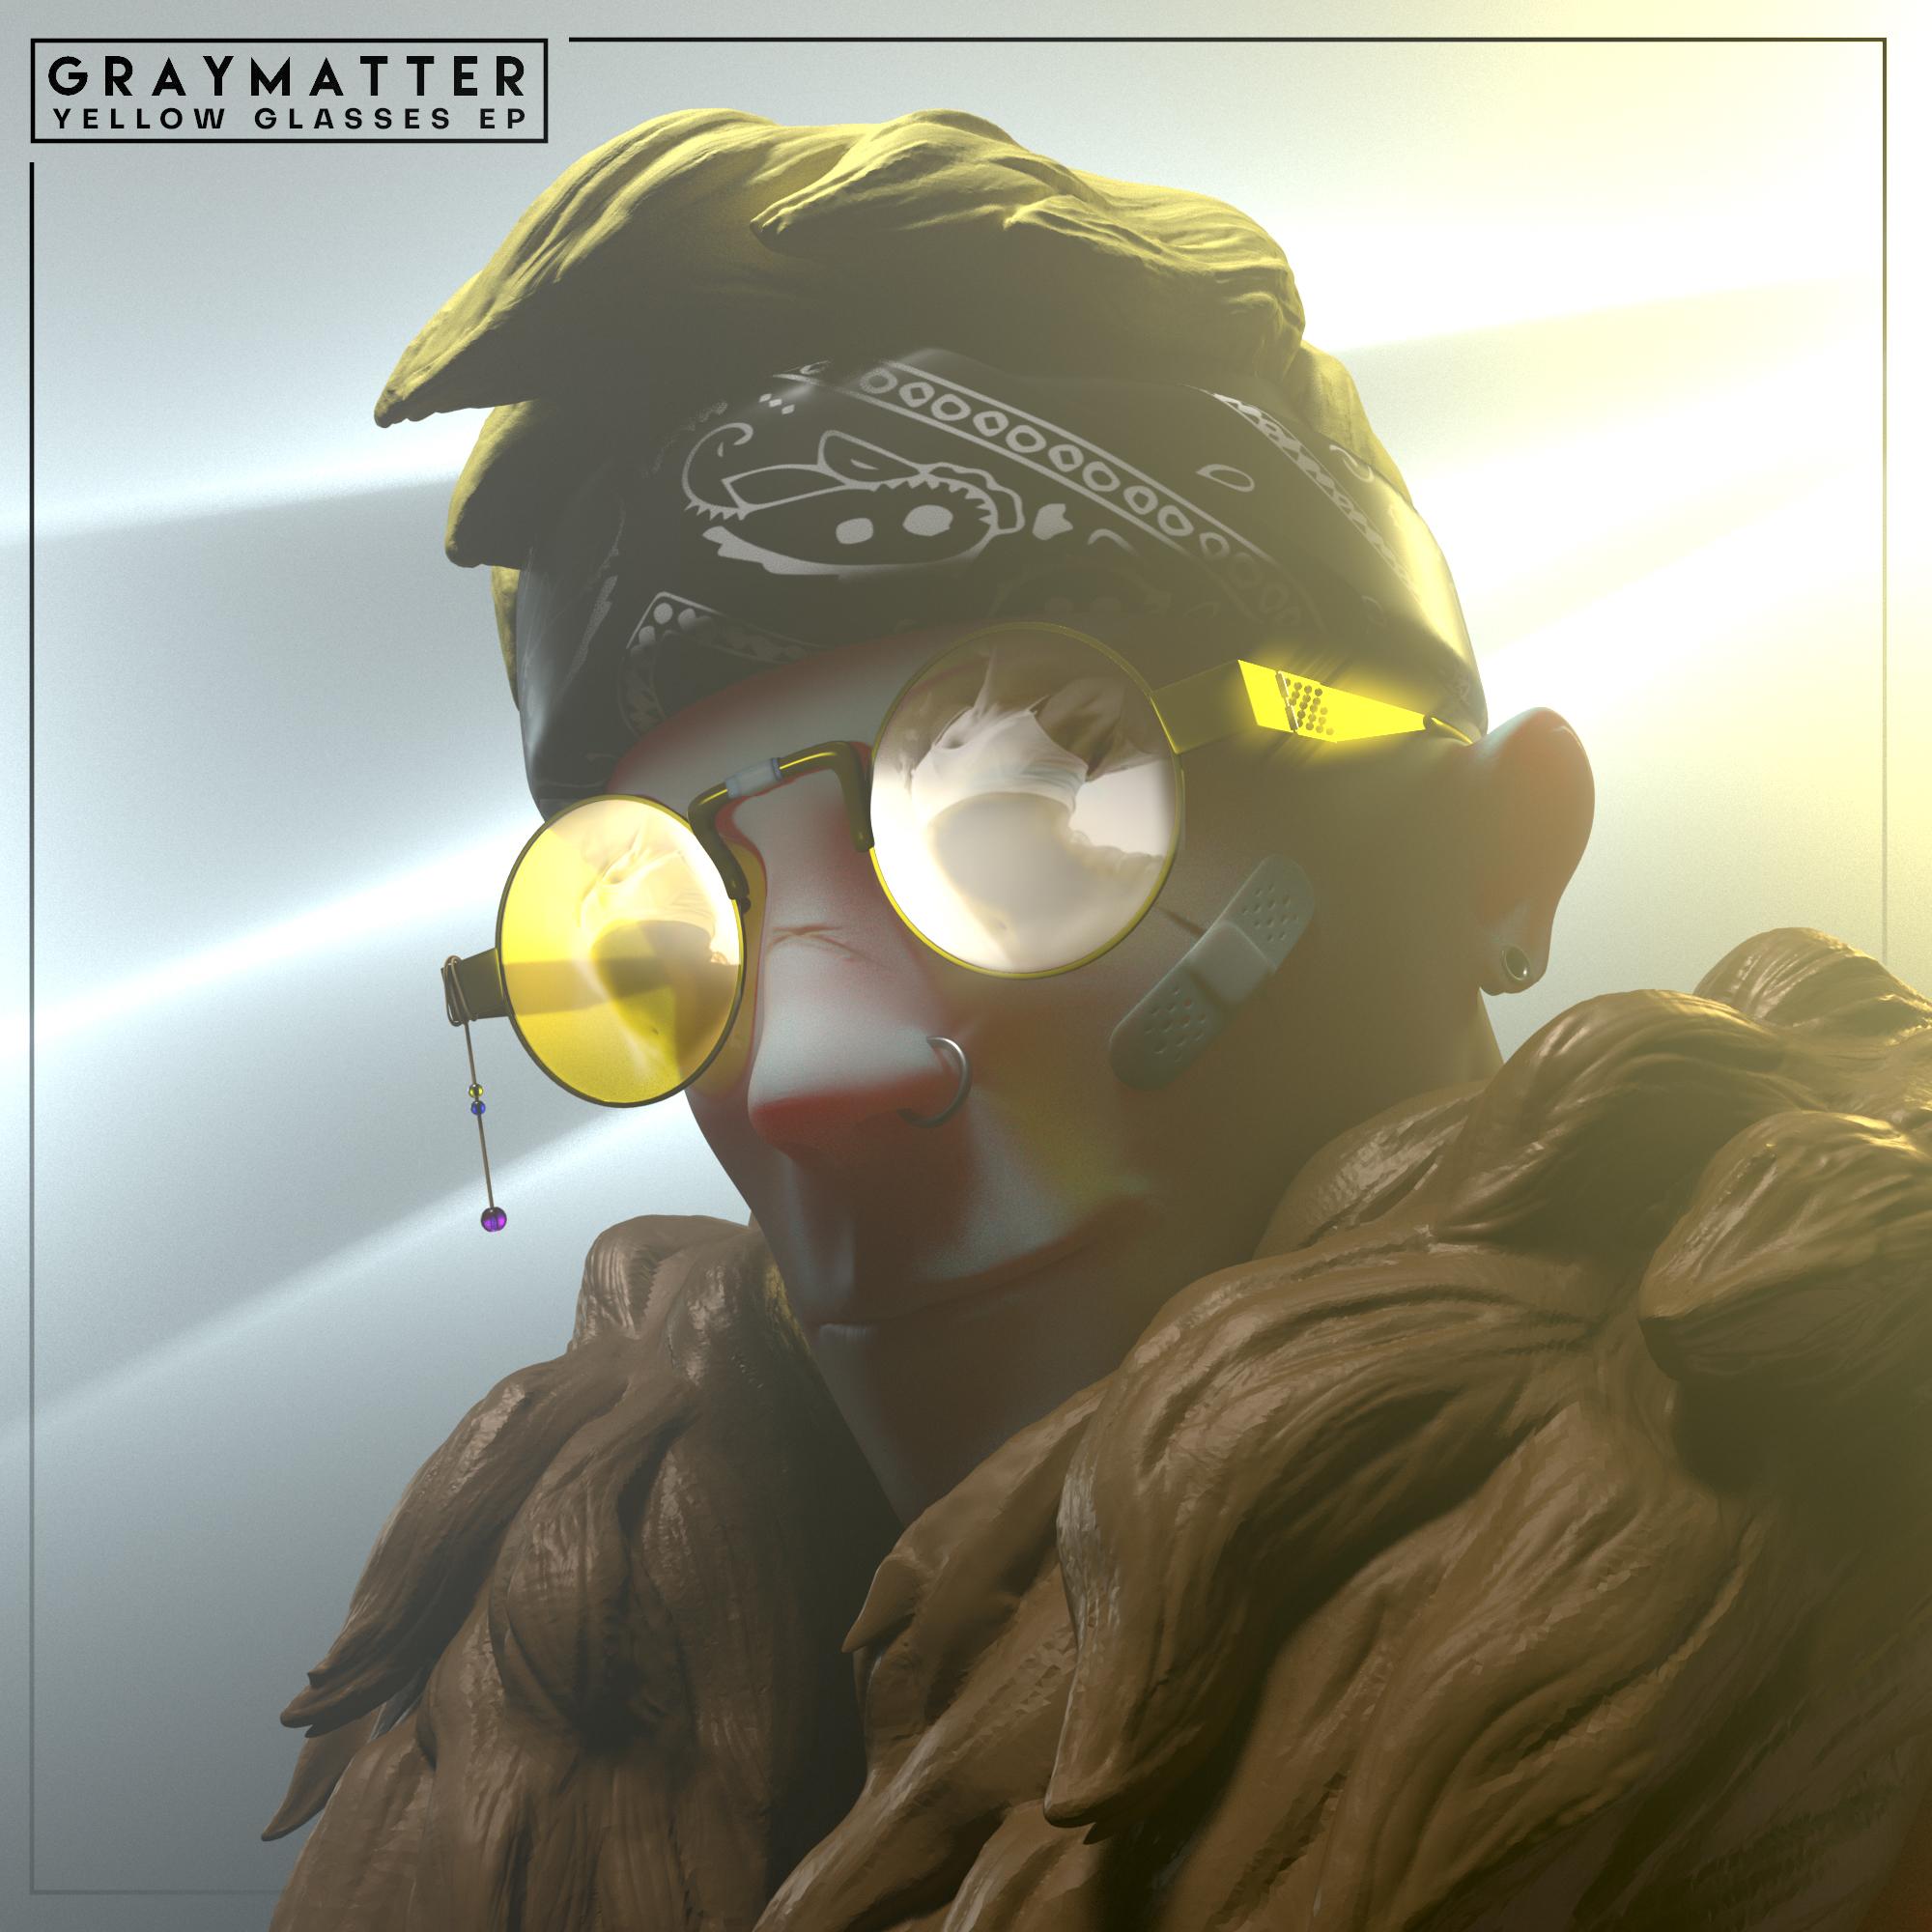 [OFDM038] Graymatter - Yellow Glasses EP (ARTWORK).jpg